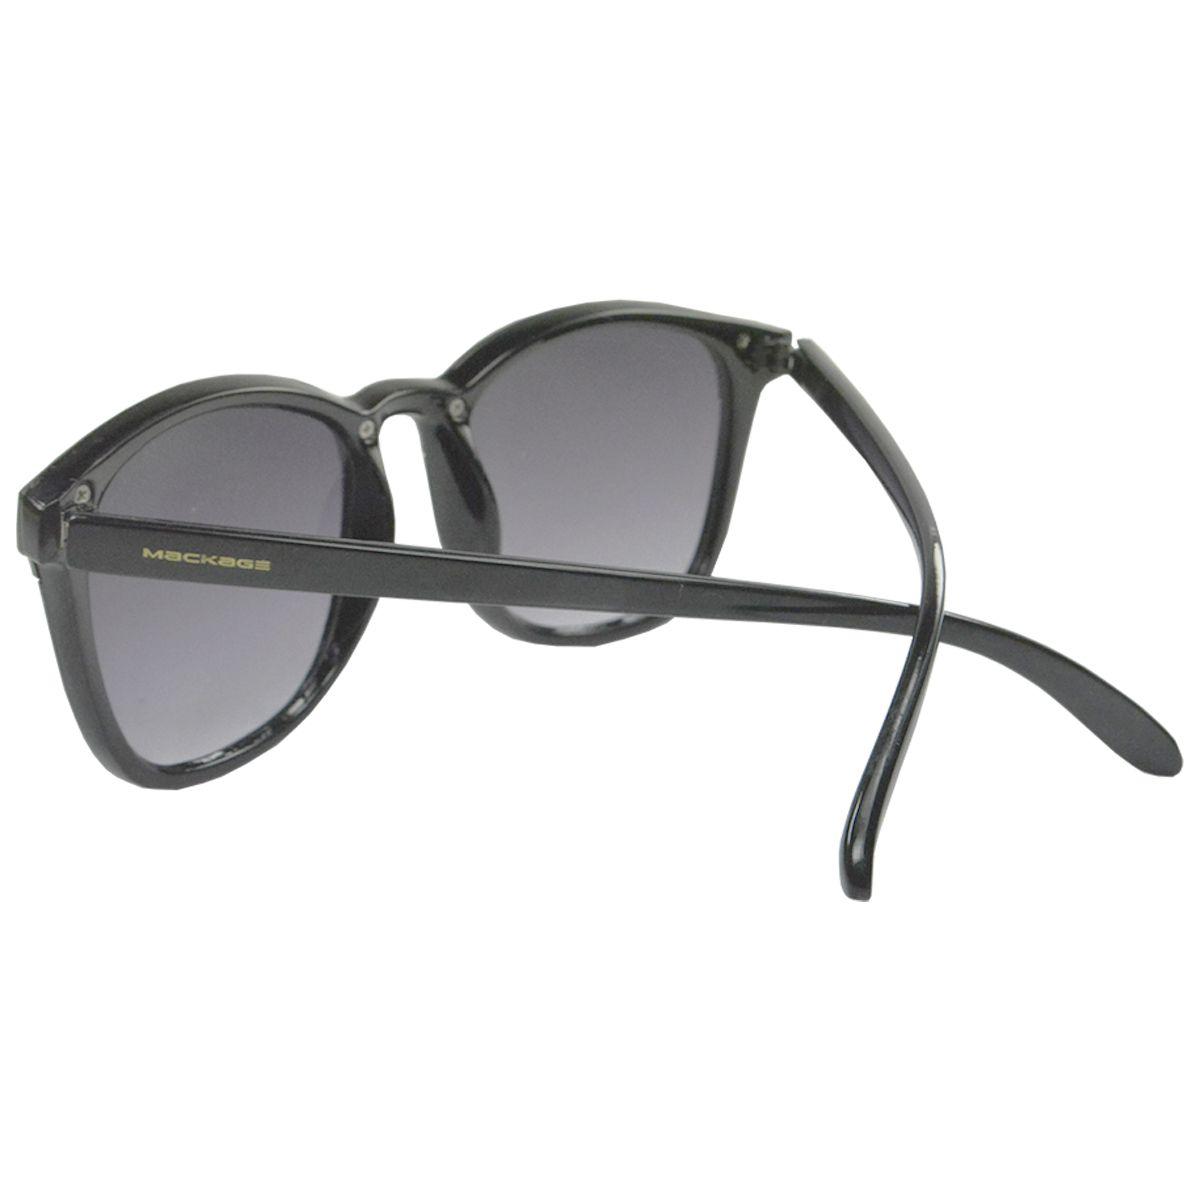 Óculos de Mackage MK2860C3MD Cinza Preto